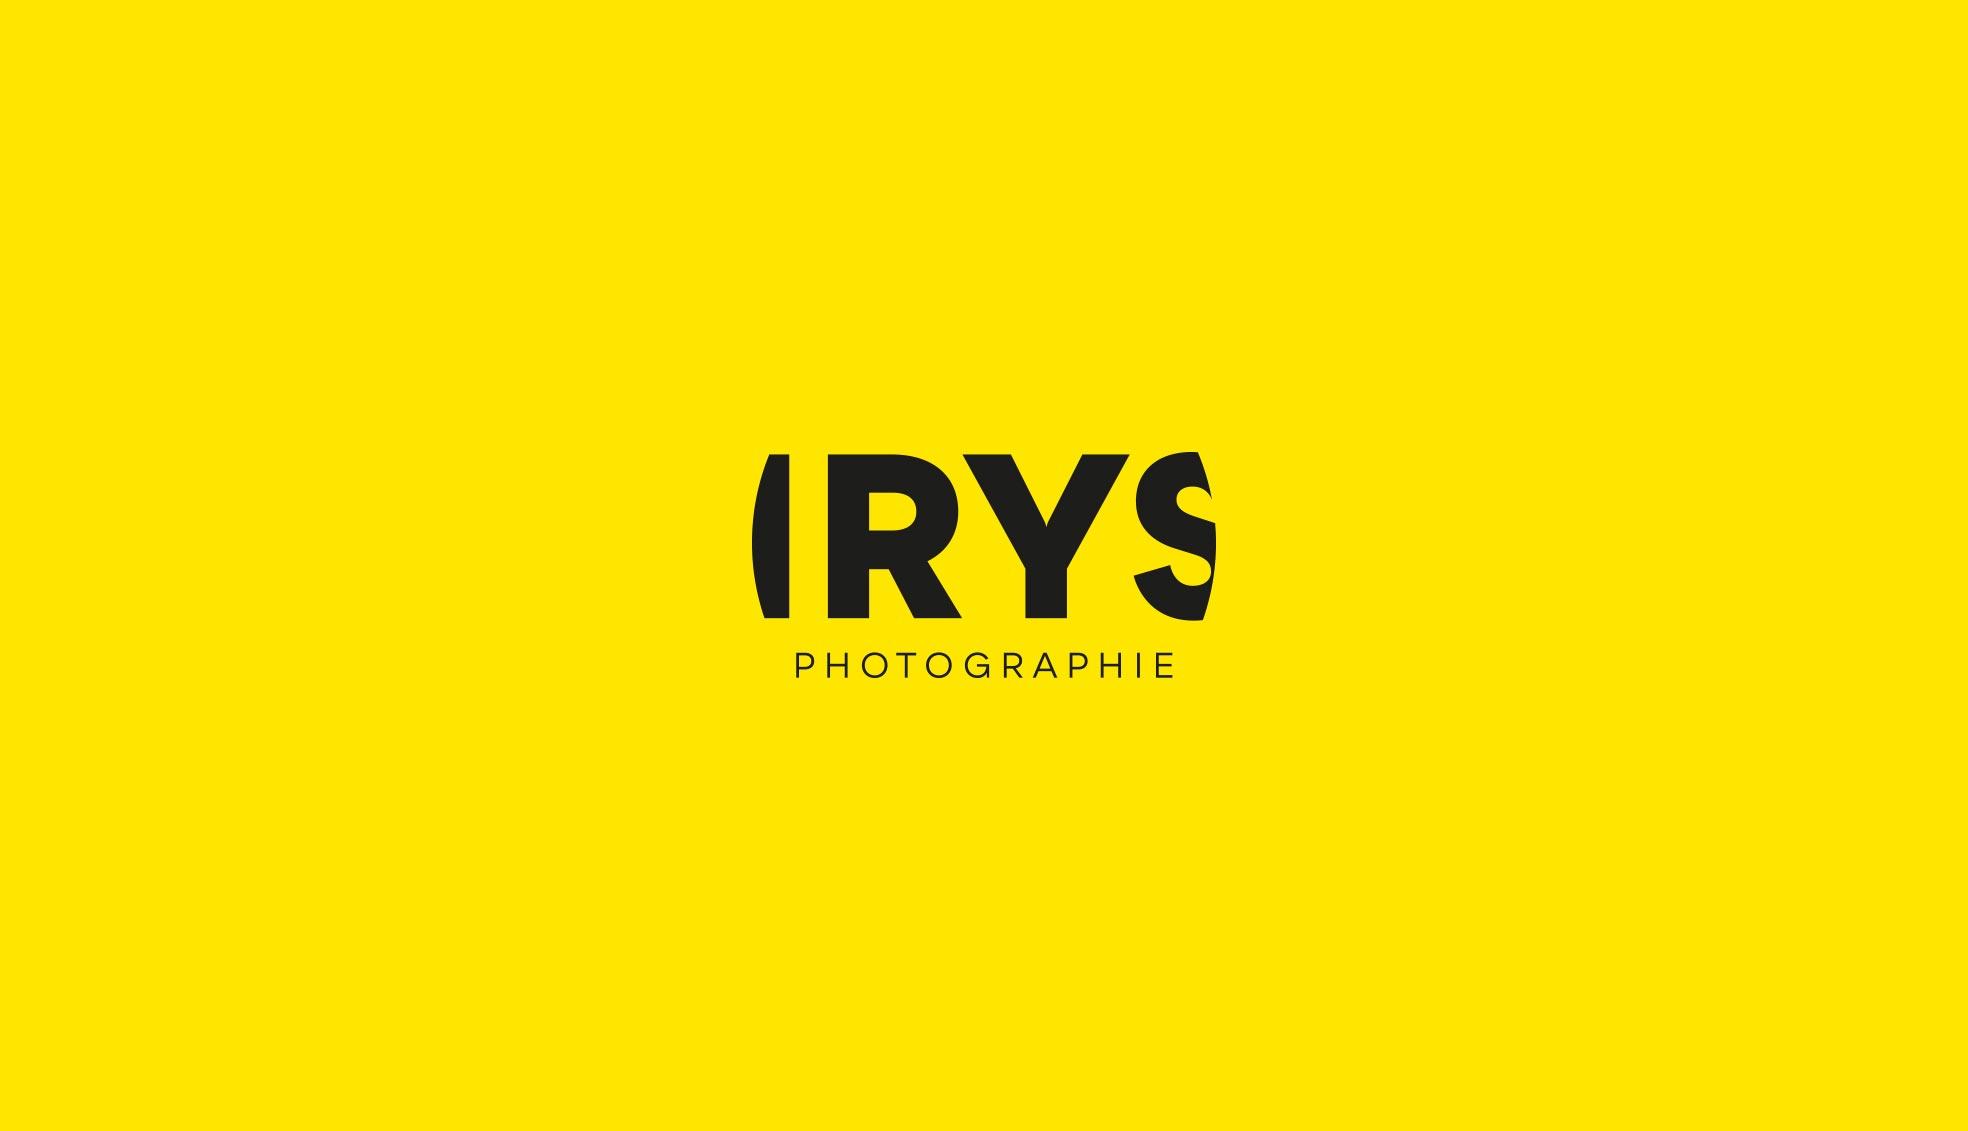 Irys-photographie-création-logo